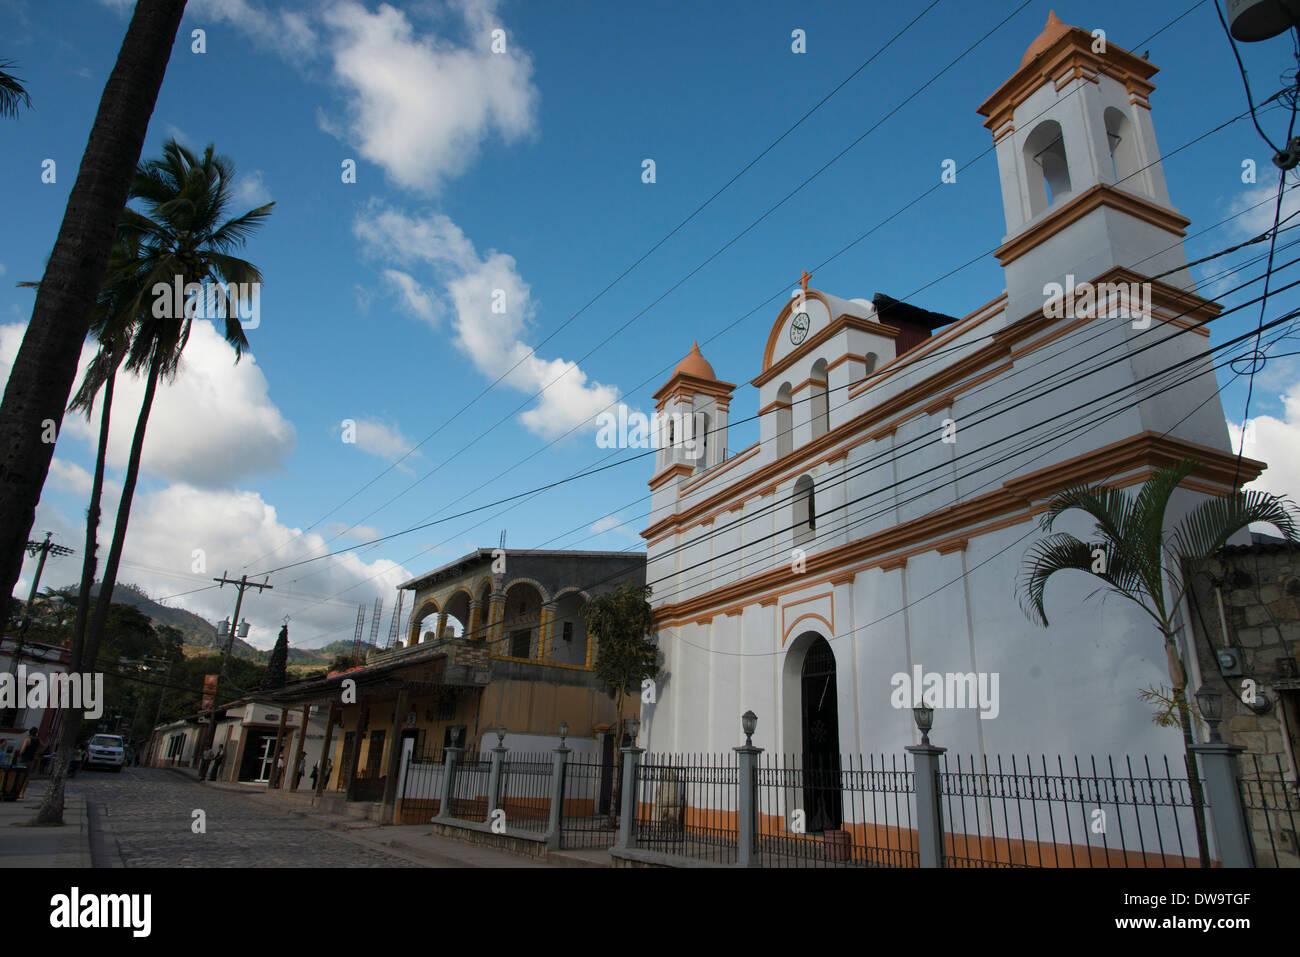 Facade of a church Barrio El Centro Copan Copan Ruinas Honduras - Stock Image